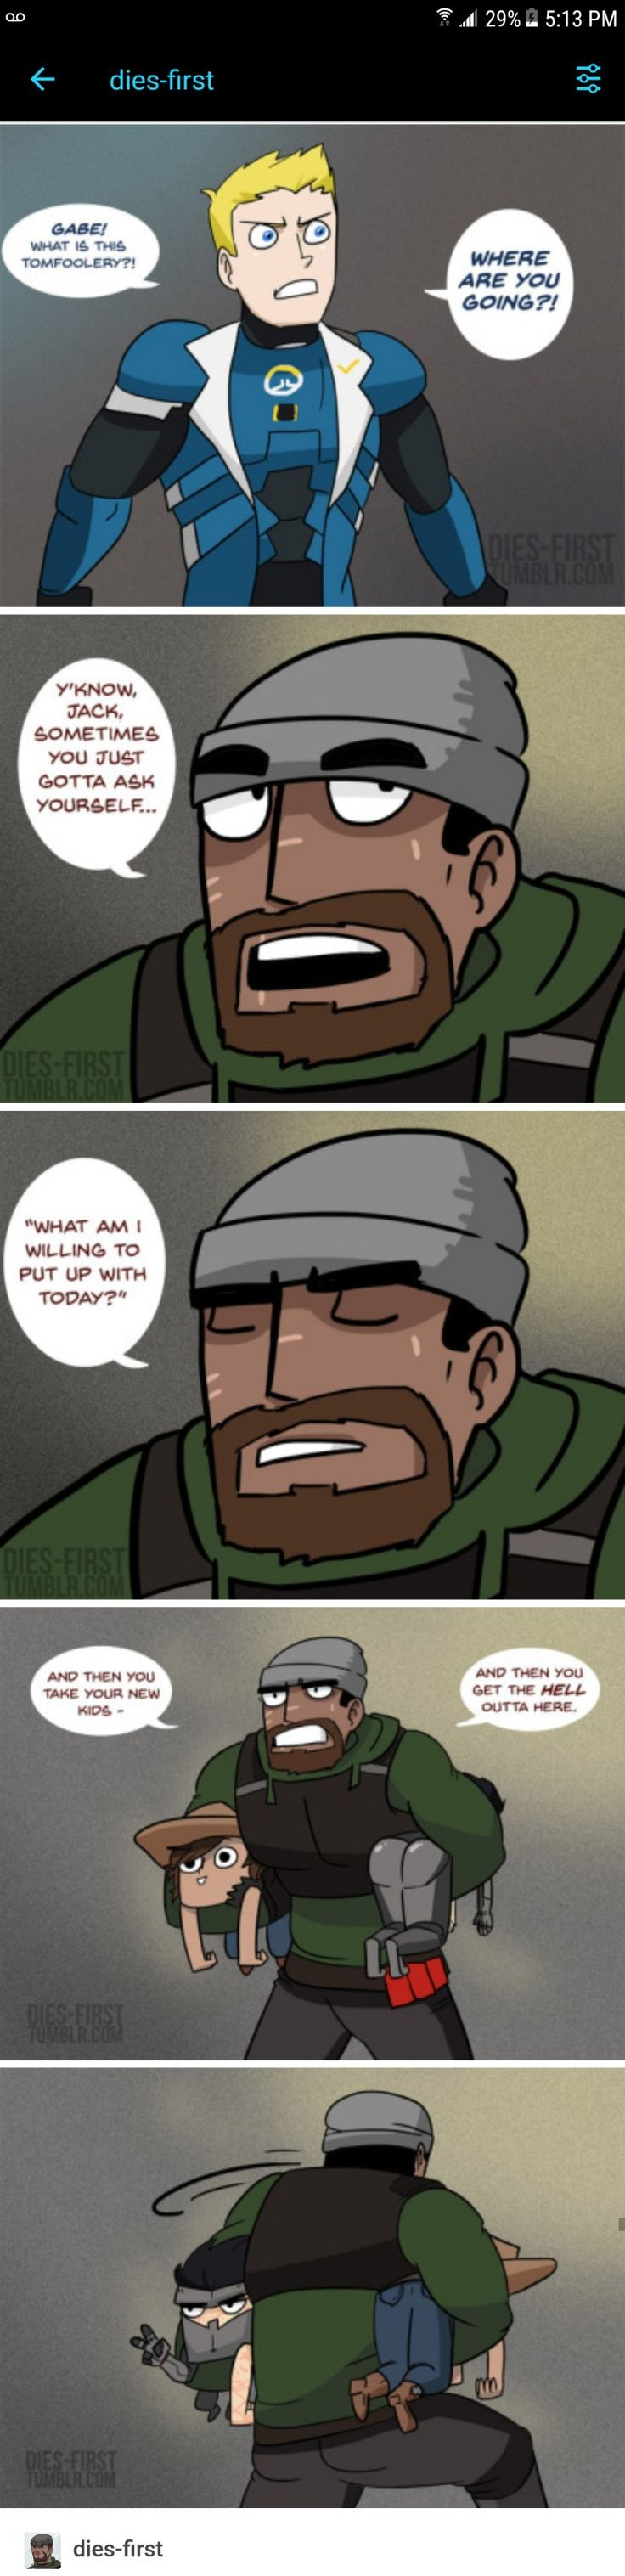 dies-first.tumblr.com